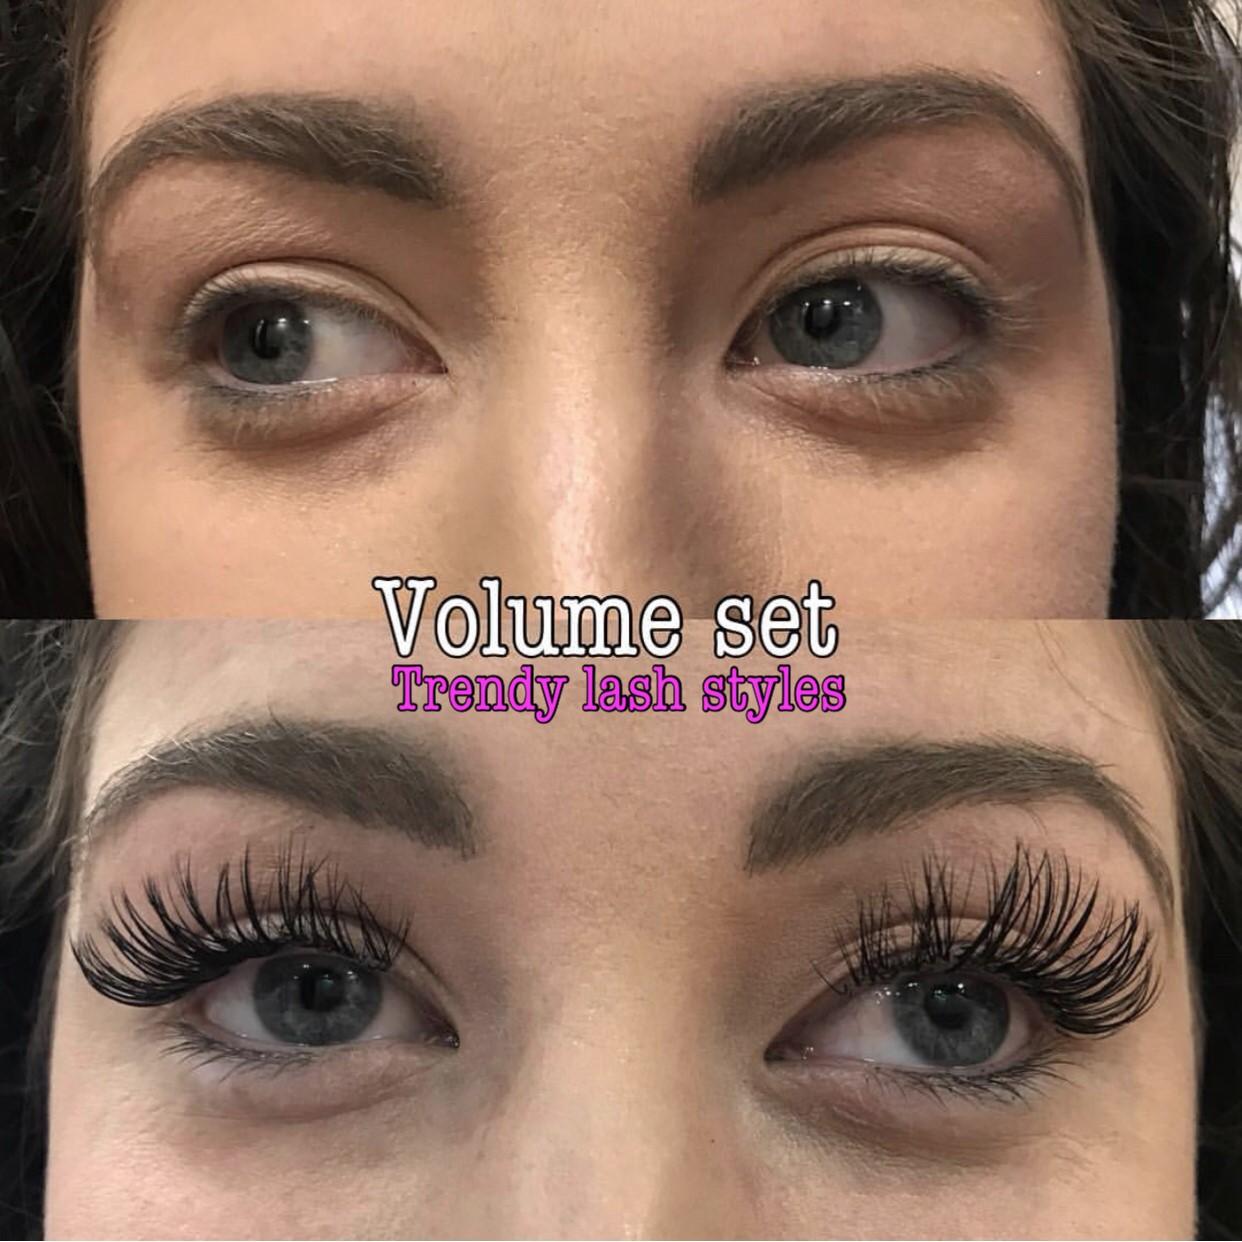 Volume Eyelas Extensions by Trendy Lash Styles - Eyelash ...